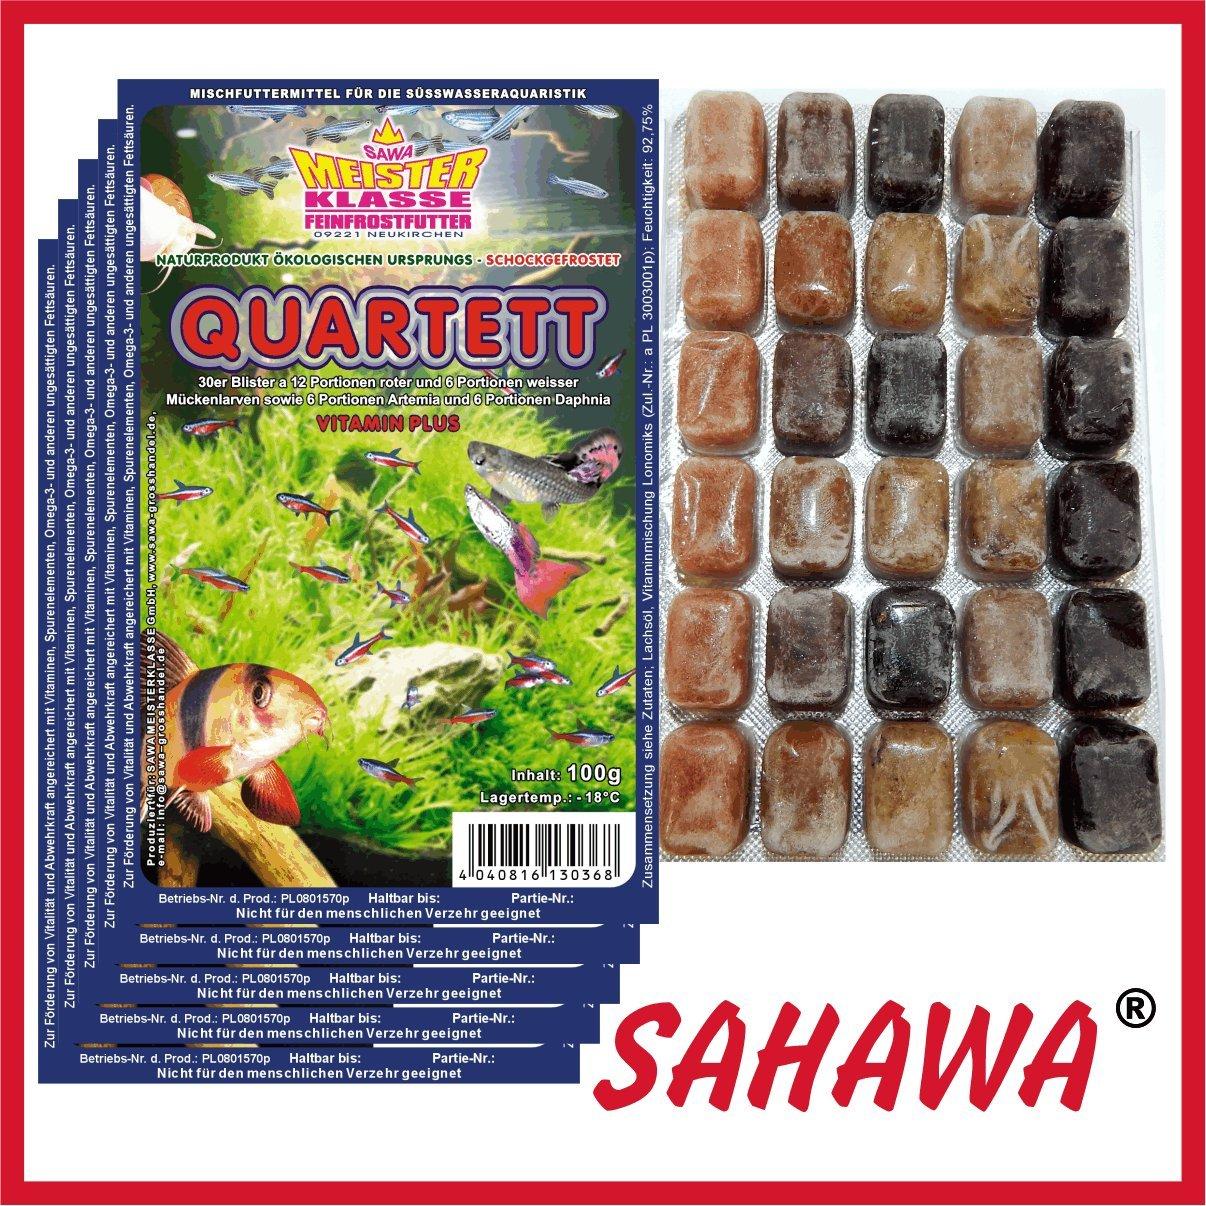 SAHAWA® Frostfutter 10 x 100g Blister Quartett + 1 Blister Daphnien gratis, verpackt mit Trockeneis -78°C, Aquarium, Aquaristik, Fischfutter, Frostfutter SAHAWA®